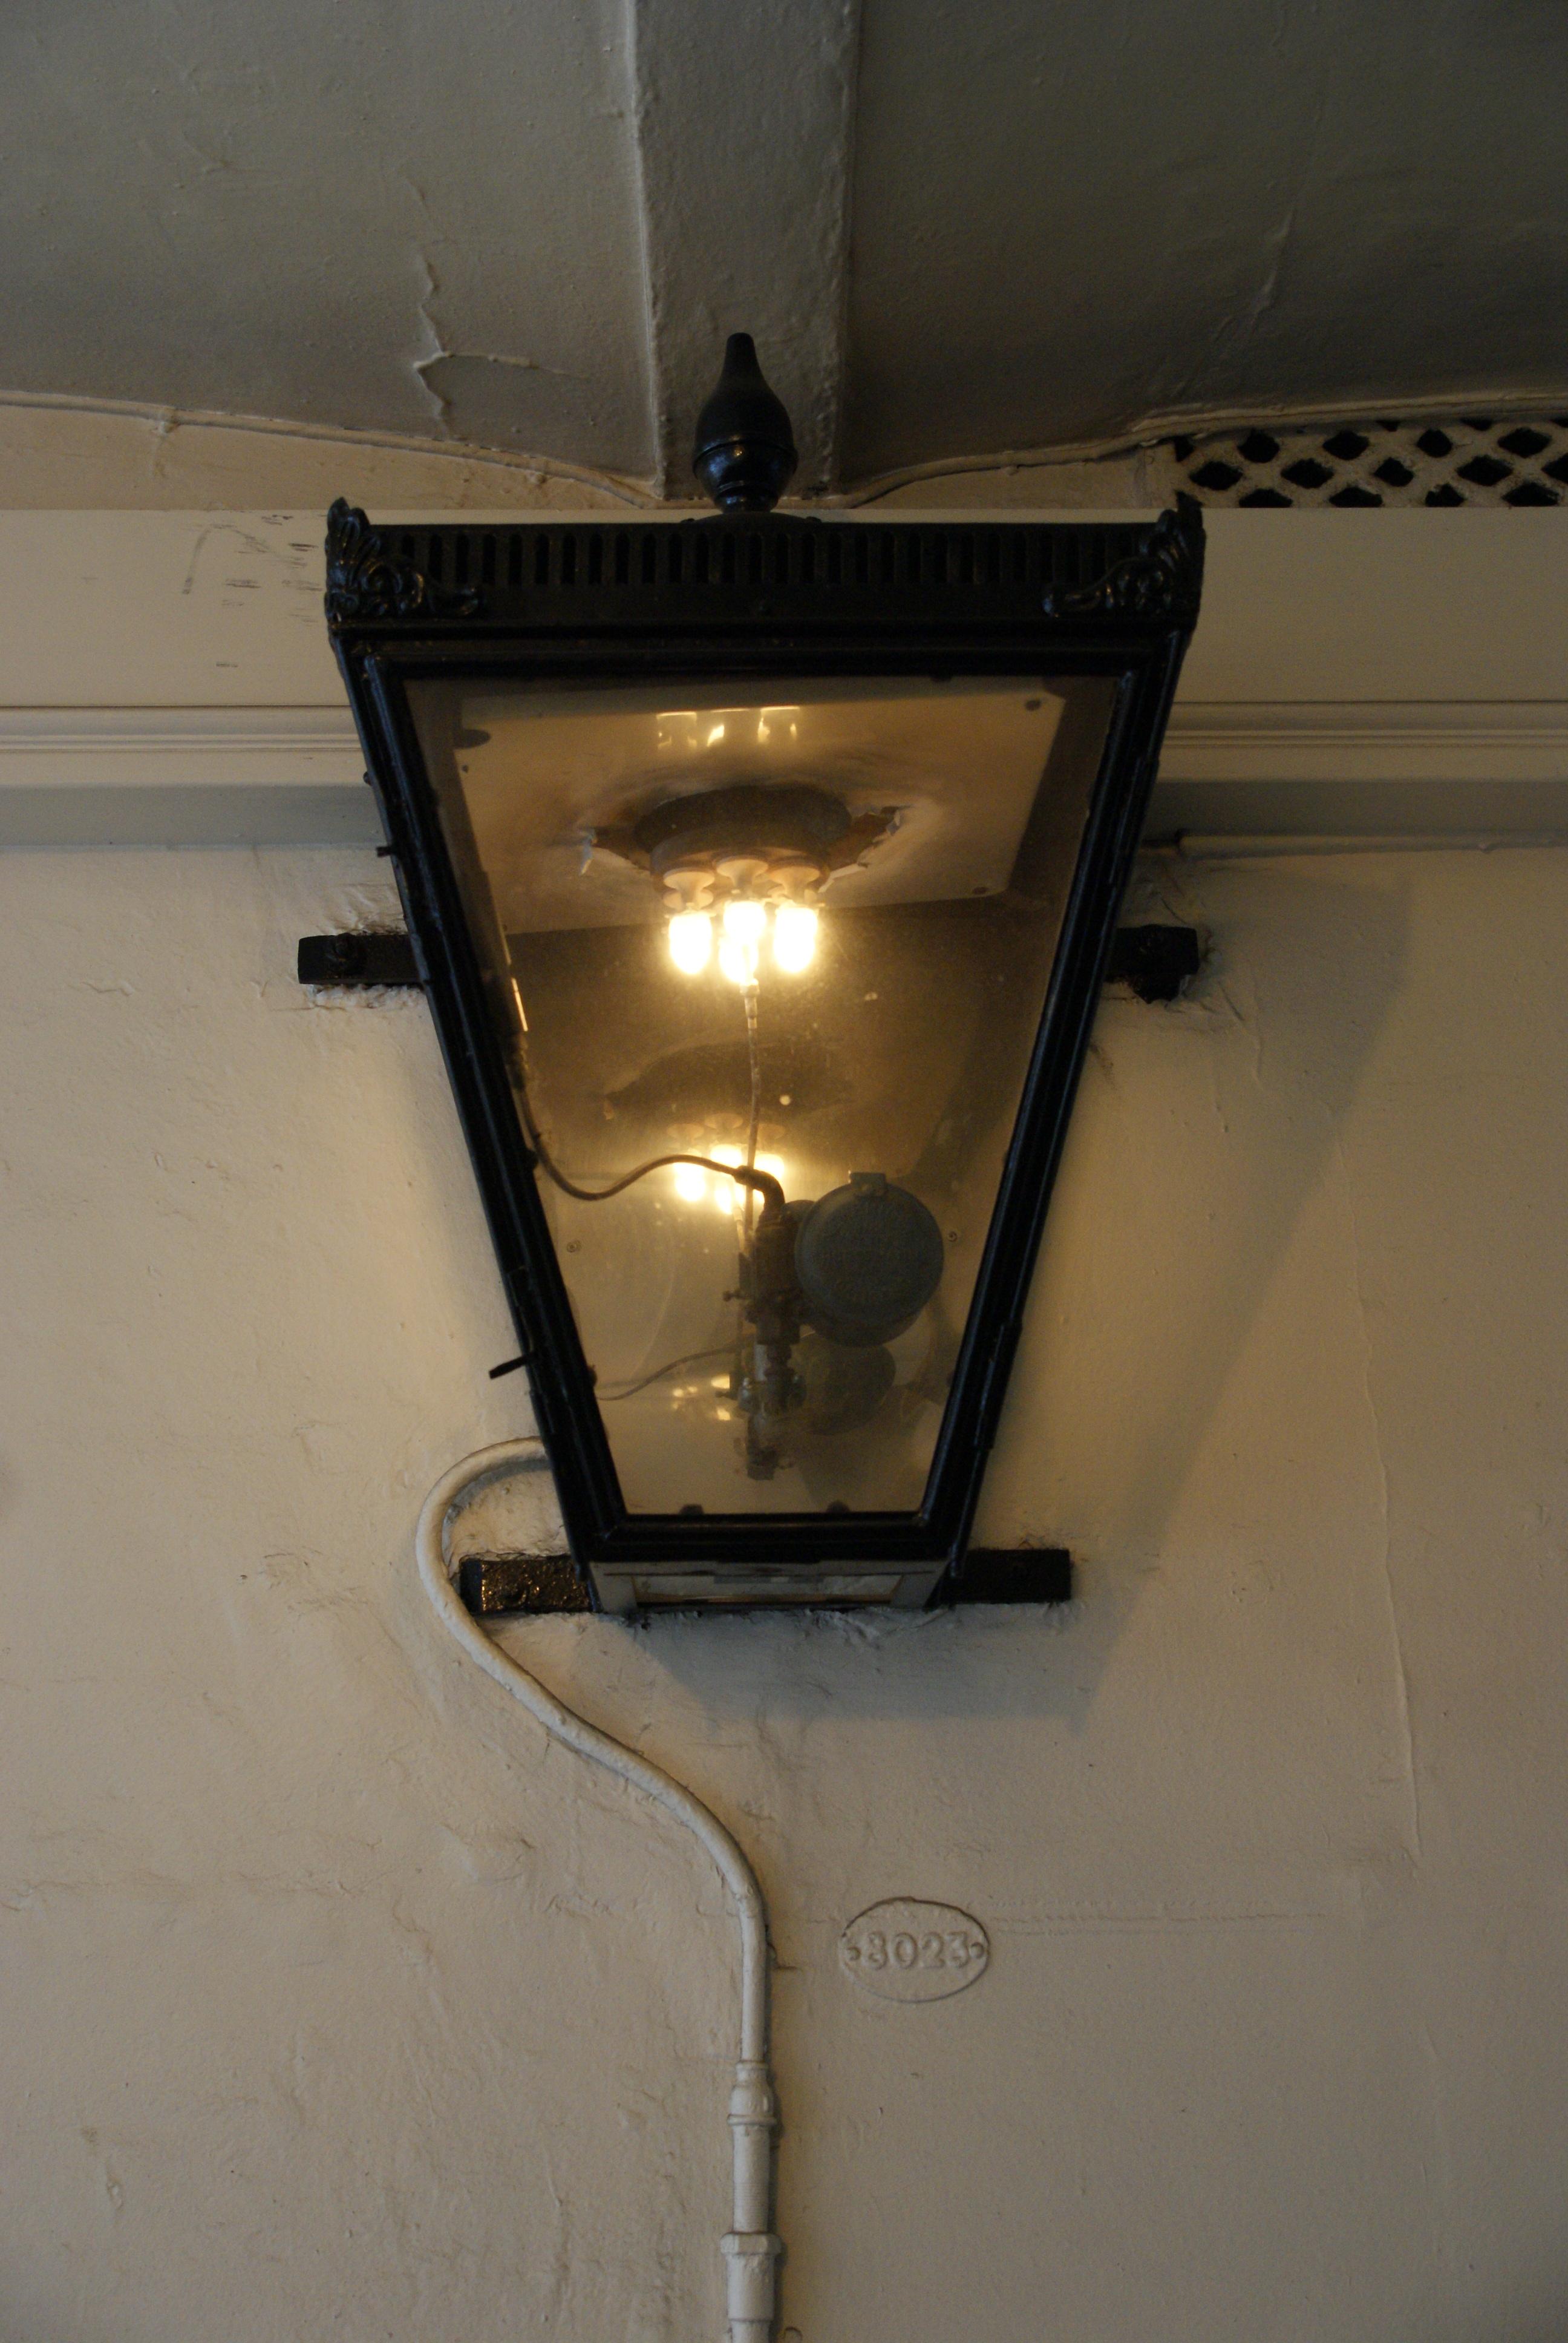 lighting in house. SONY DSC Lighting In House